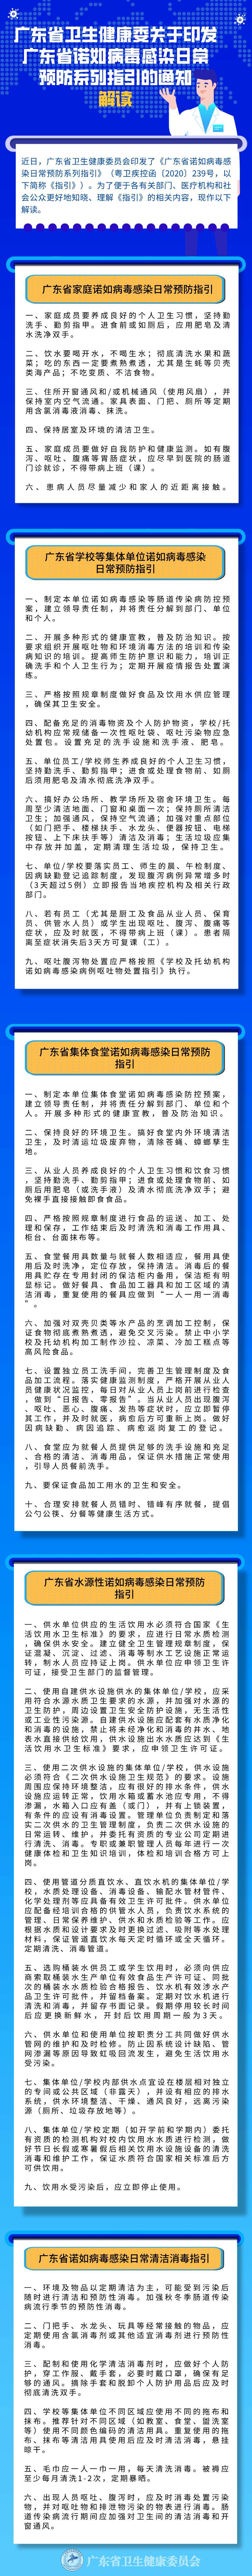 《广东省卫生健康委关于印发广东省诺如病毒感染日常预防系列指引的通知》解读.png